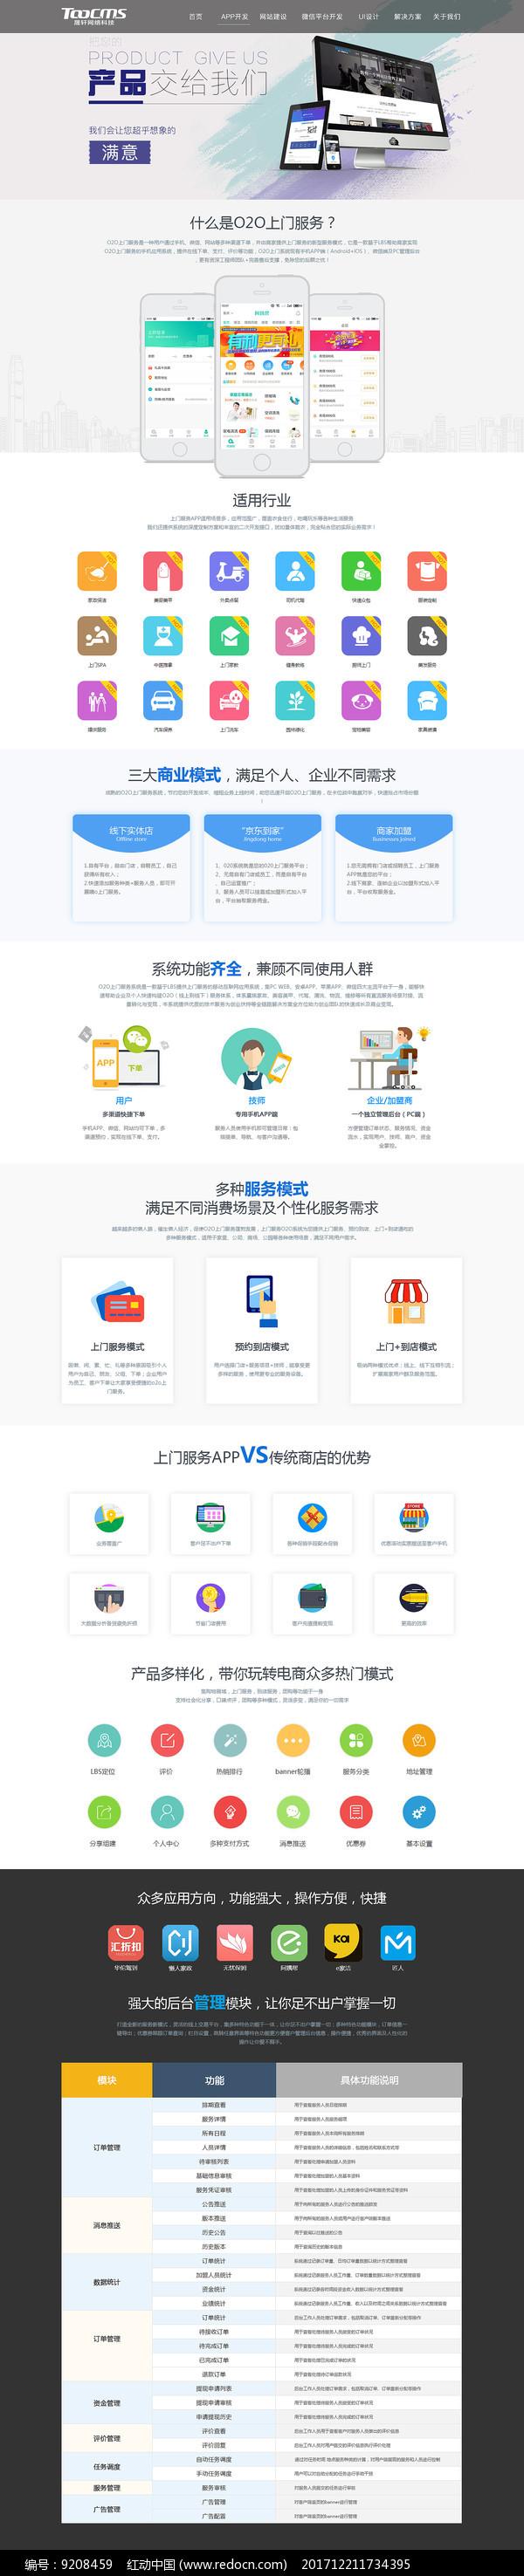 矢量分层PSD企业网站模板图片